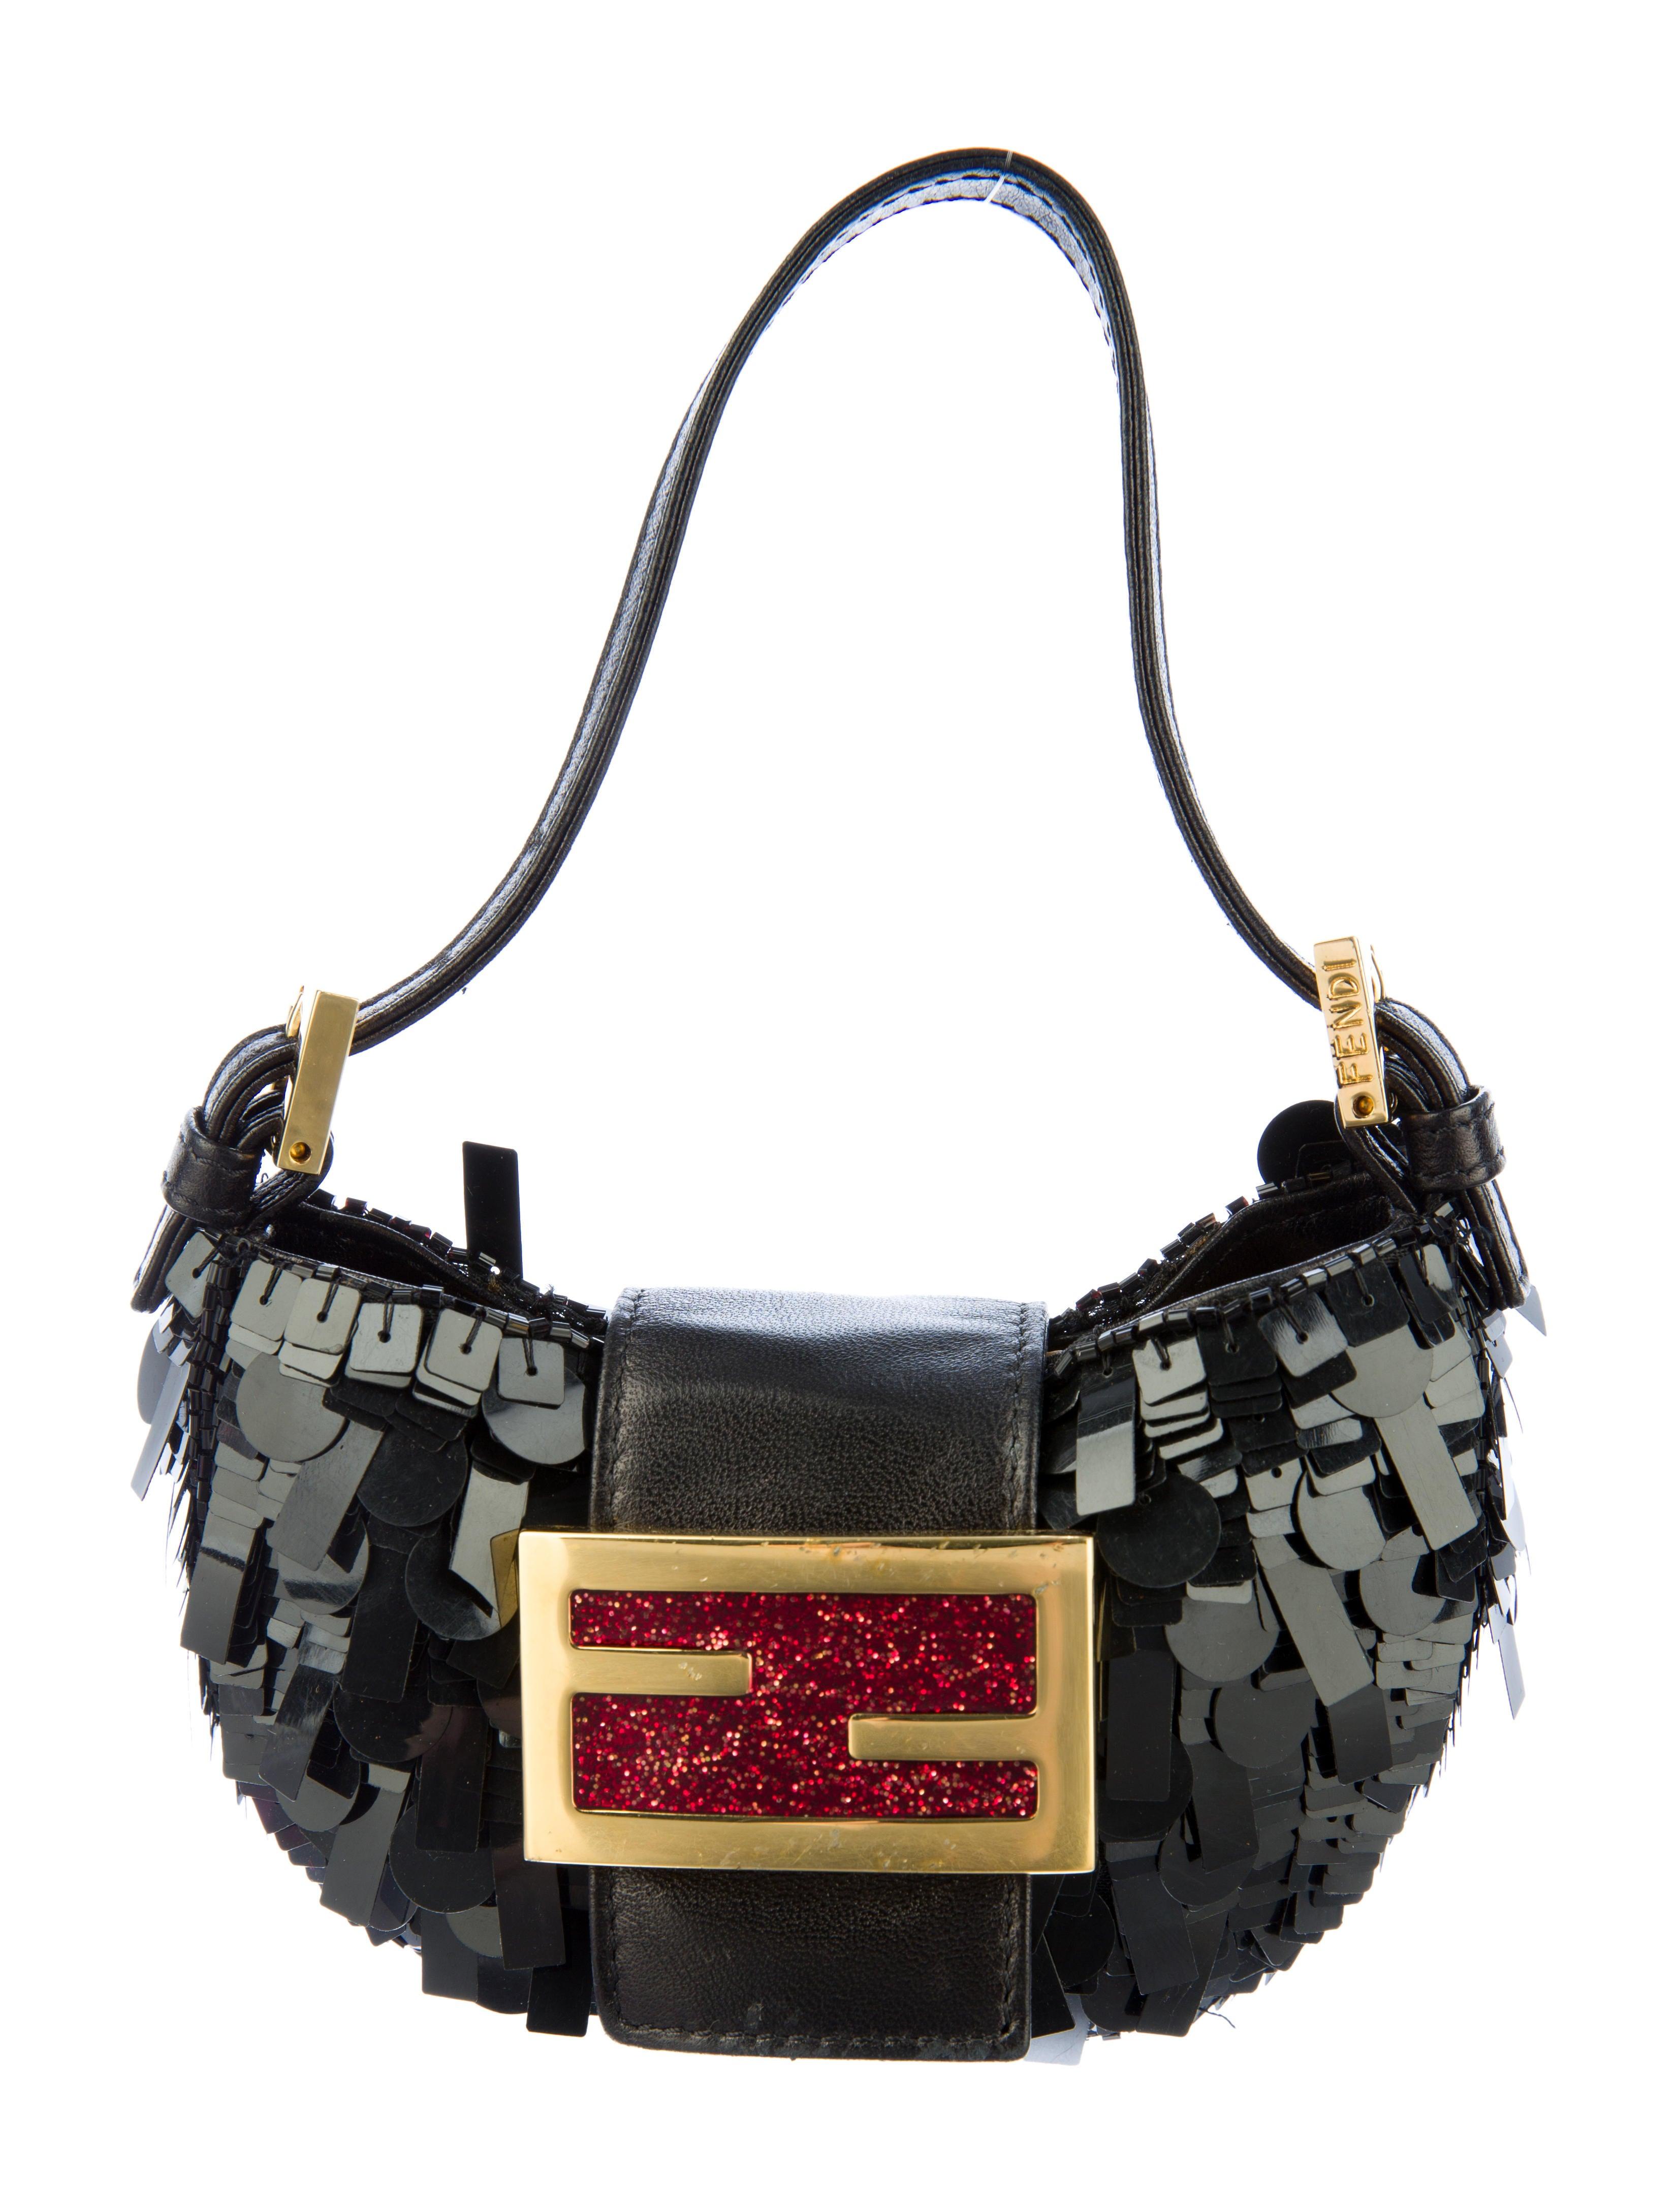 ce1617763ece Fendi Sequin Mini Croissant Bag - Handbags - FEN26263